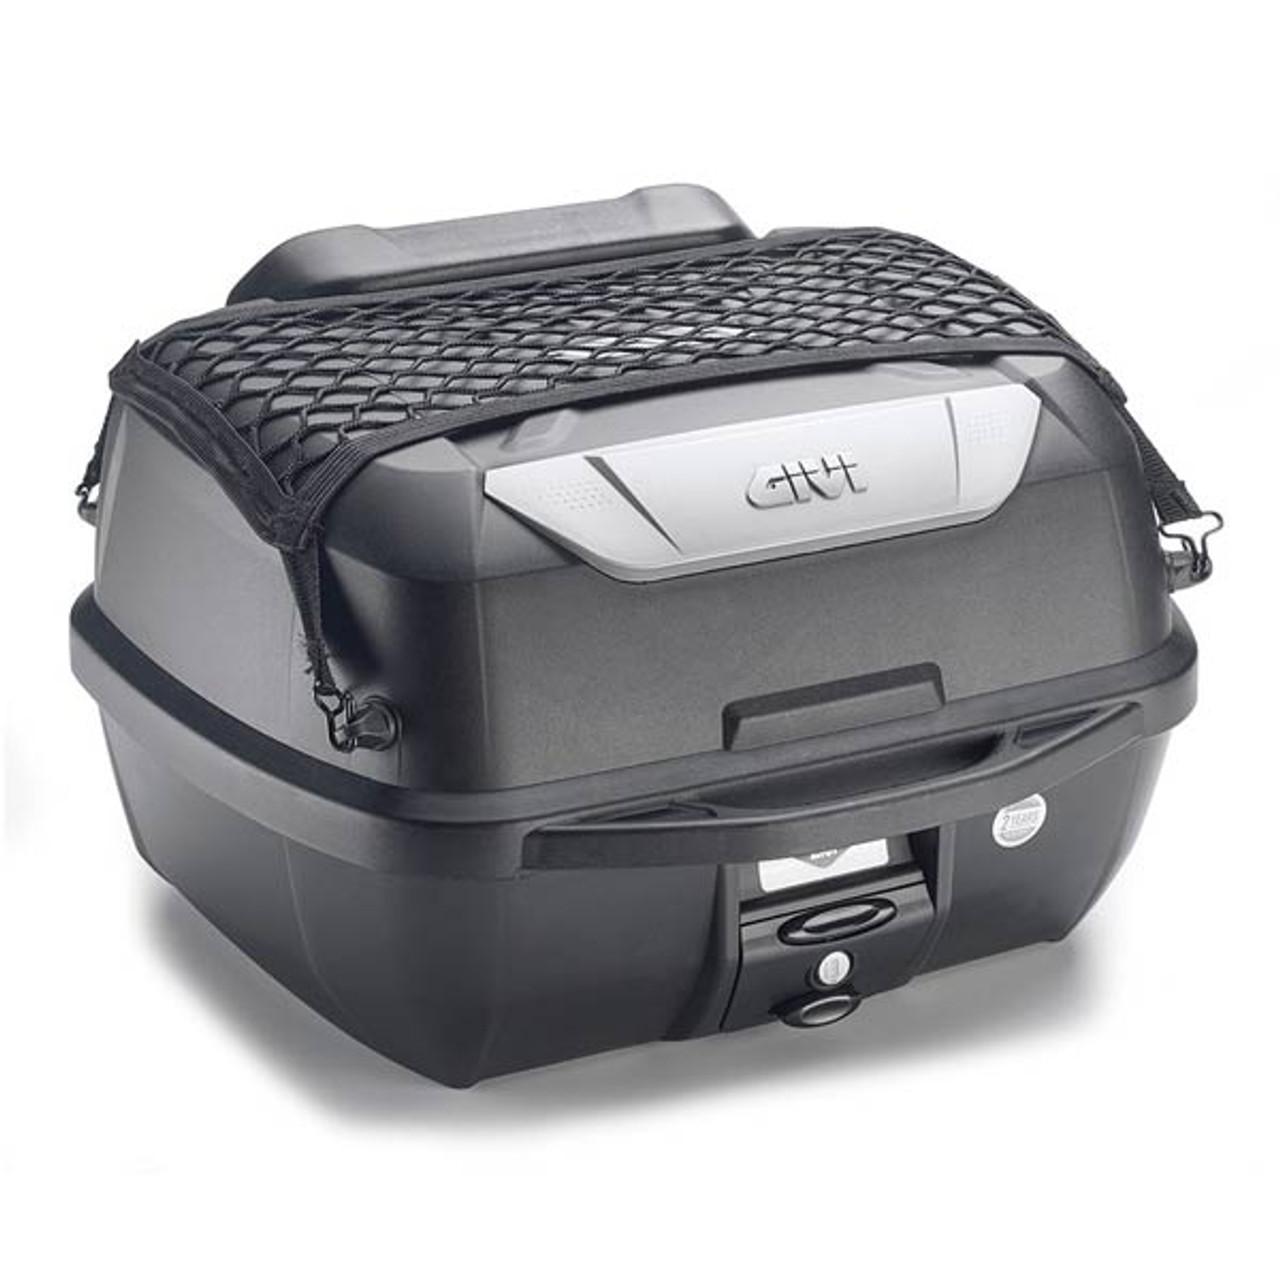 Givi E43 Monolock Top Box + extras (43 litre)